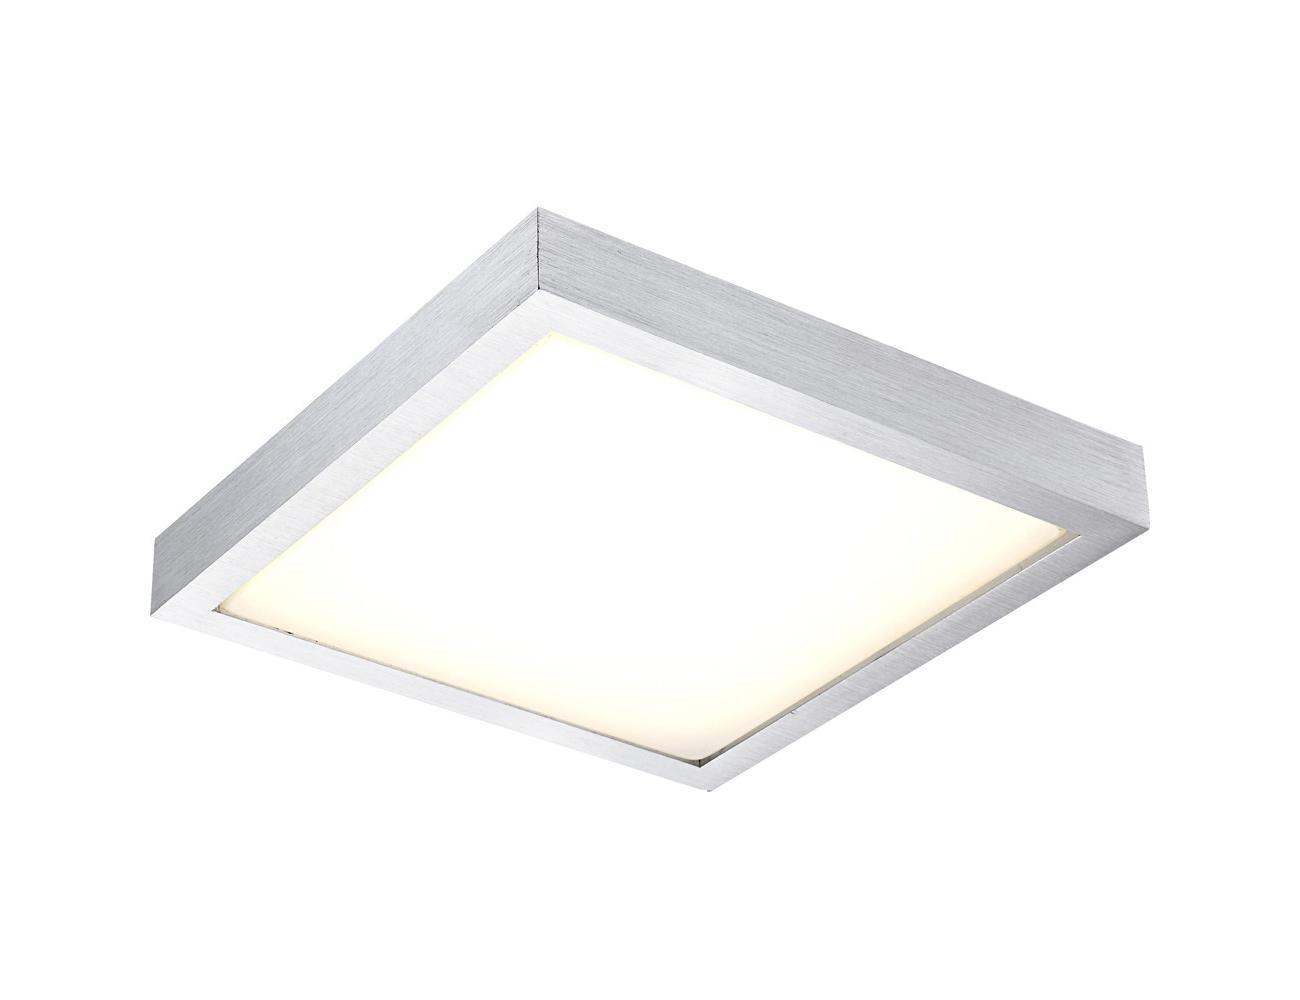 41661 Потолочный светильник TAMINA41661Настенно-потолочный светильник Globo 41661 Tamina идеально подойдет для интерьеров в стиле модерн. Настенно-потолочный Globo-Lighting RUS квадратной формы белого цвета с металлической рамкой цвета алюминий и 1ой лампой цоколя LED макс. 12Ватт (36V) Подойдет для освещения гостинной, спальни, кухни